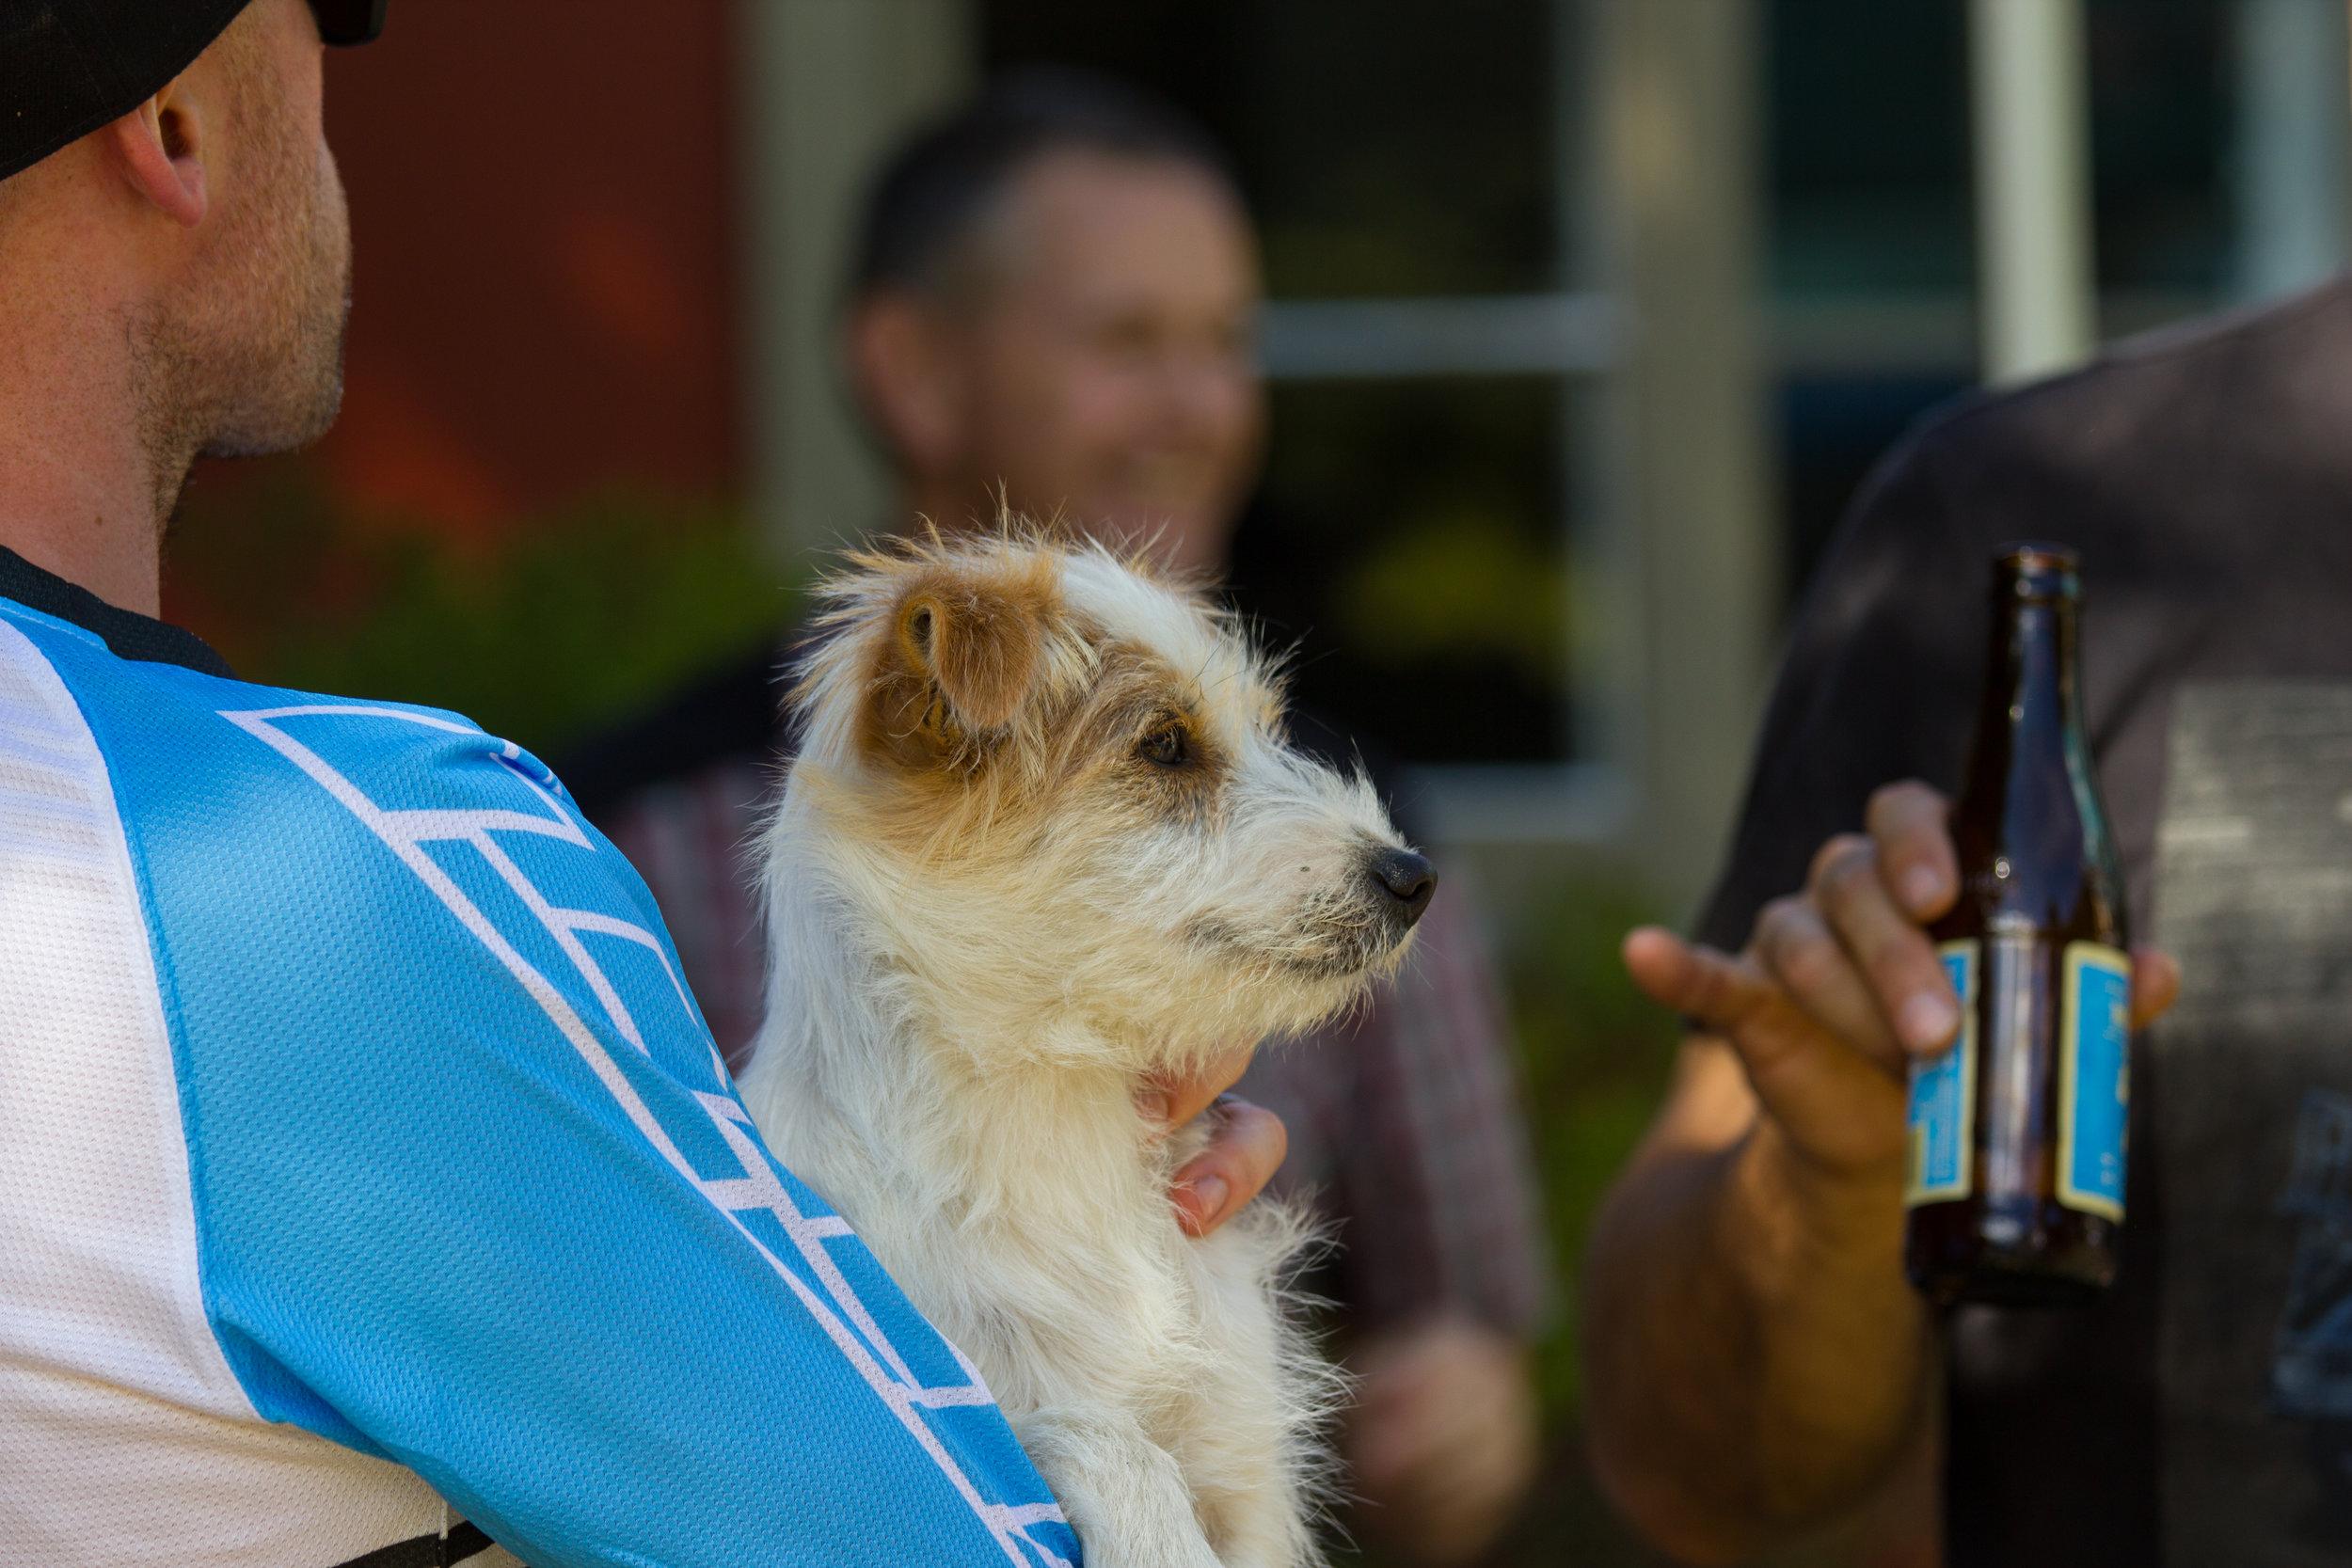 Every race needs a cute dog